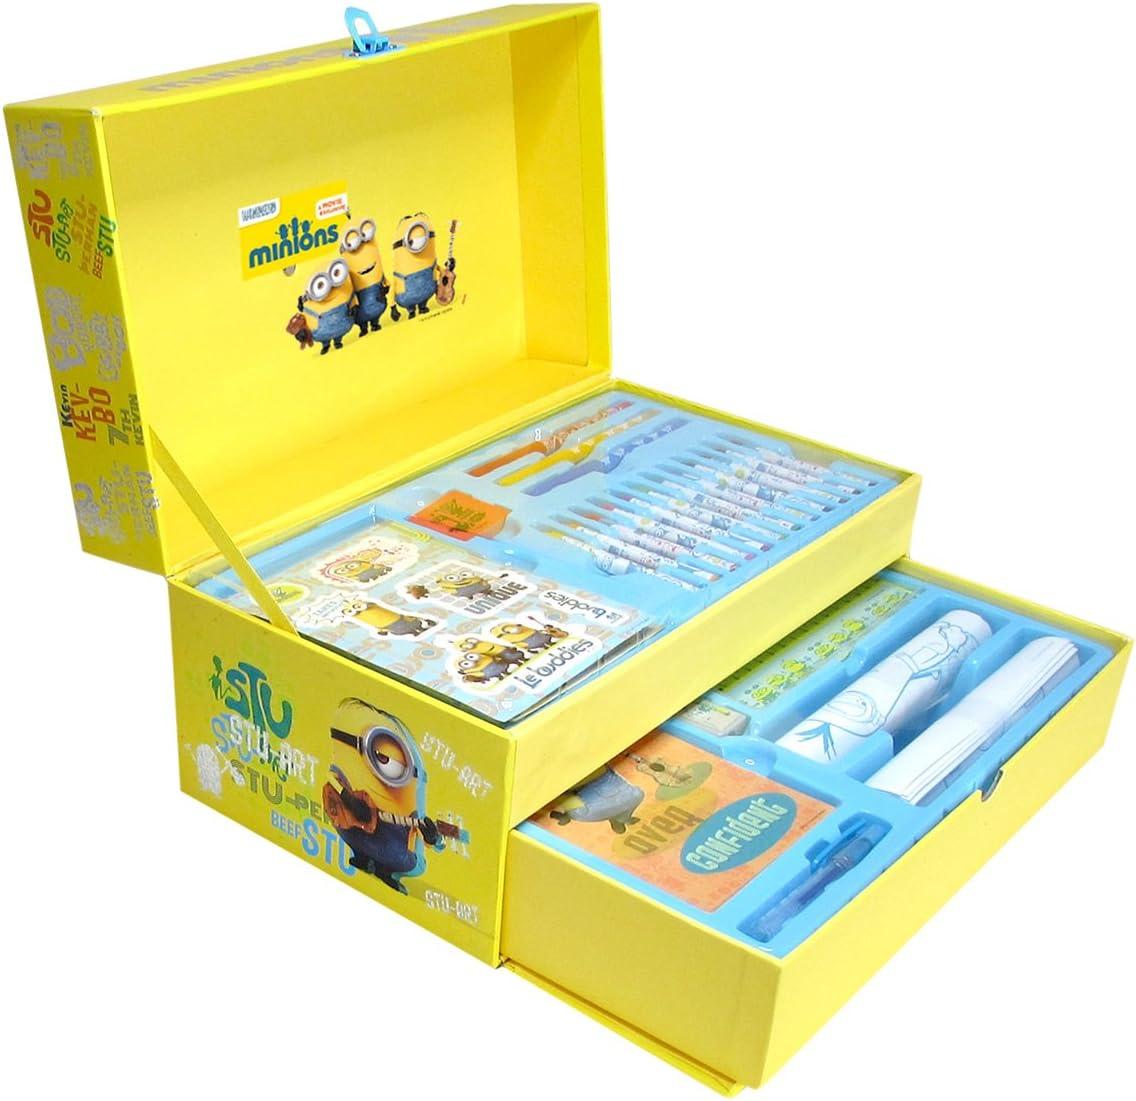 MINIONS - Maletín holográfico (Cife 86606): Amazon.es: Juguetes y juegos